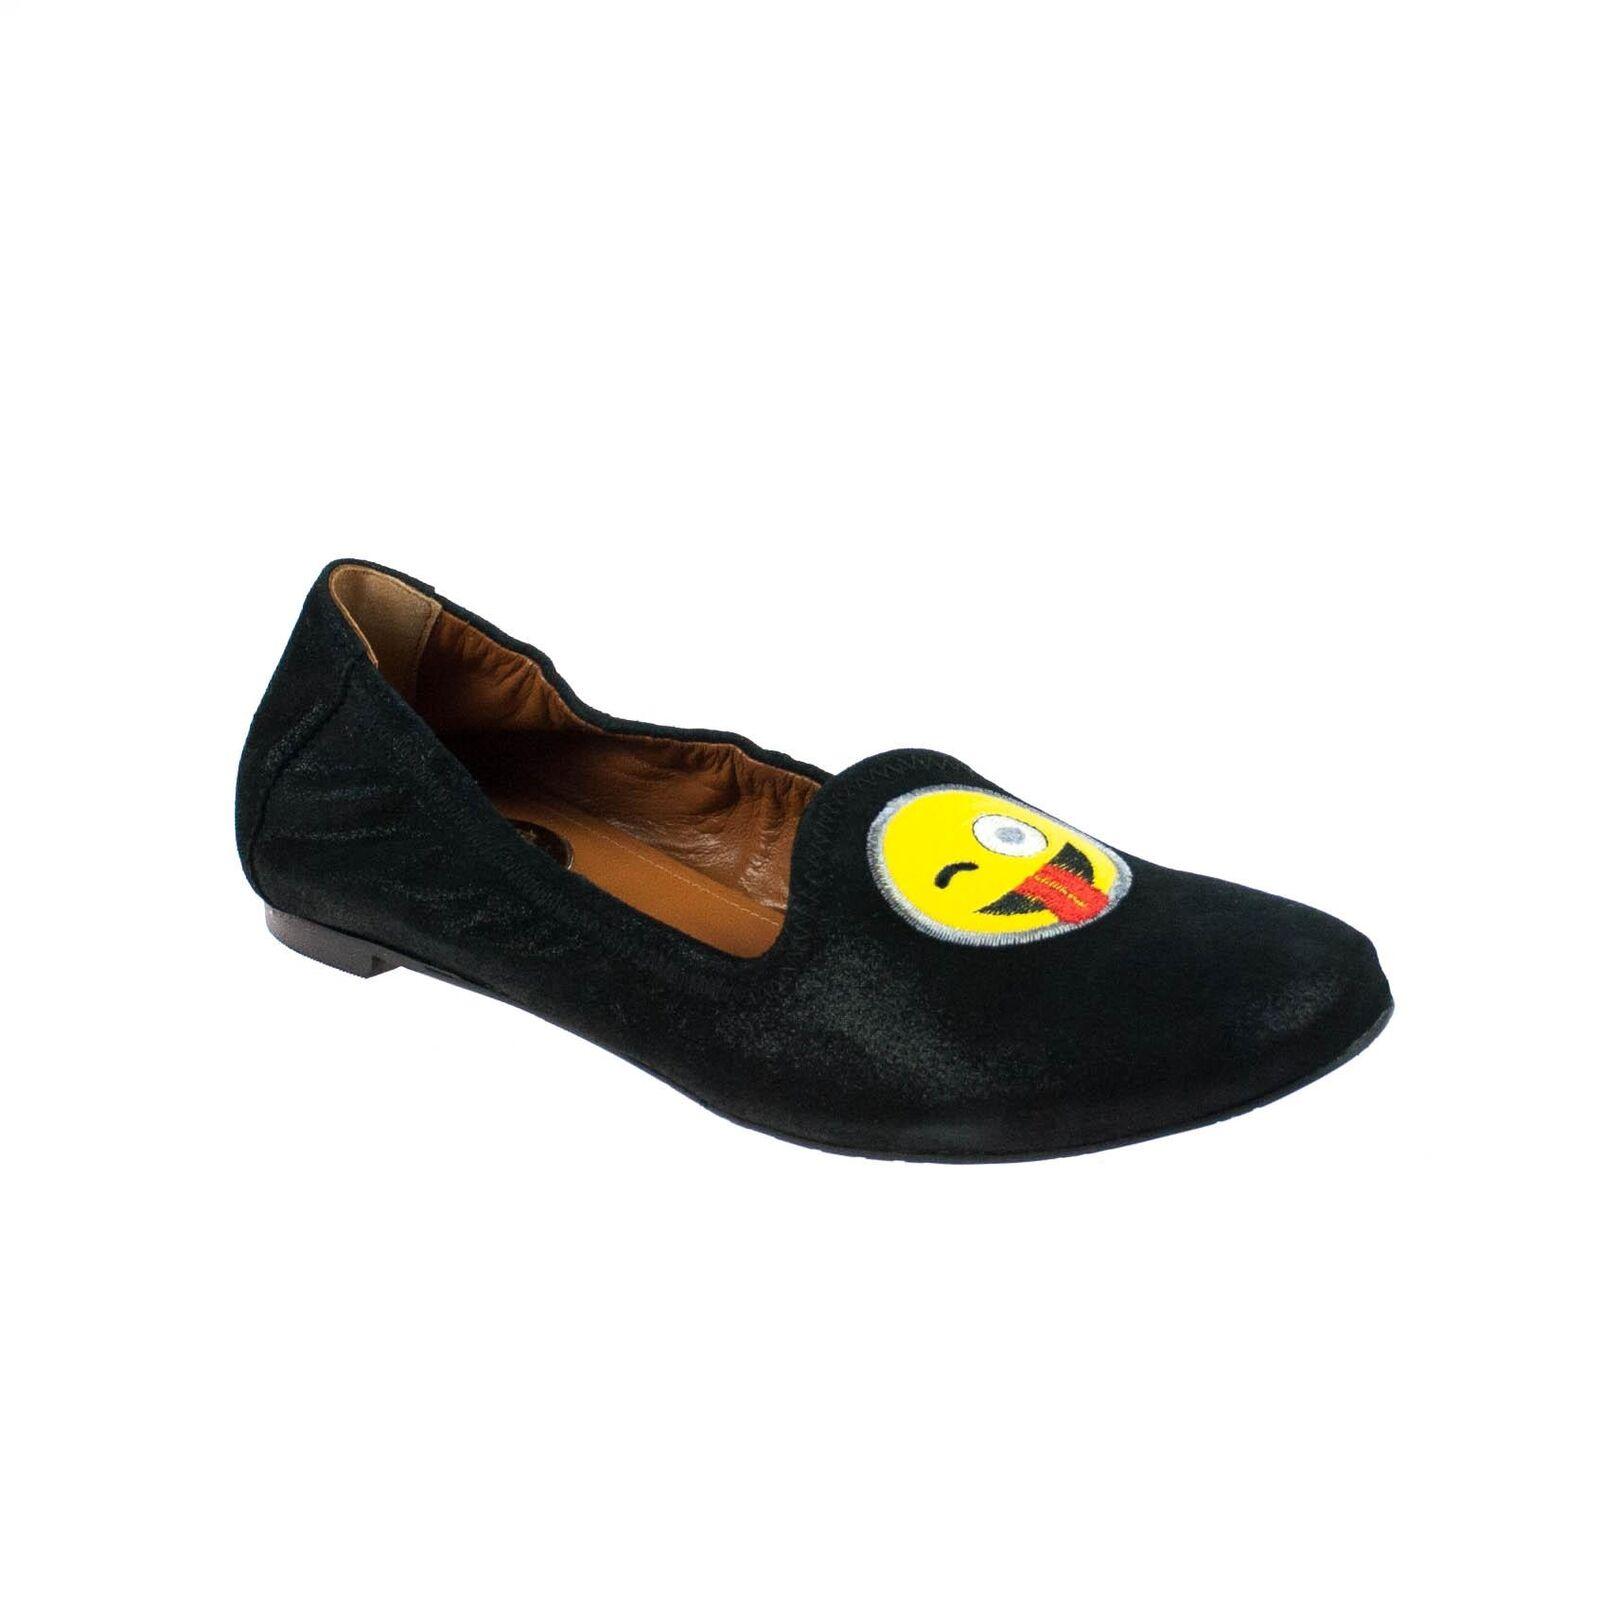 Ras Donna Mezza scarpa camoscio nero